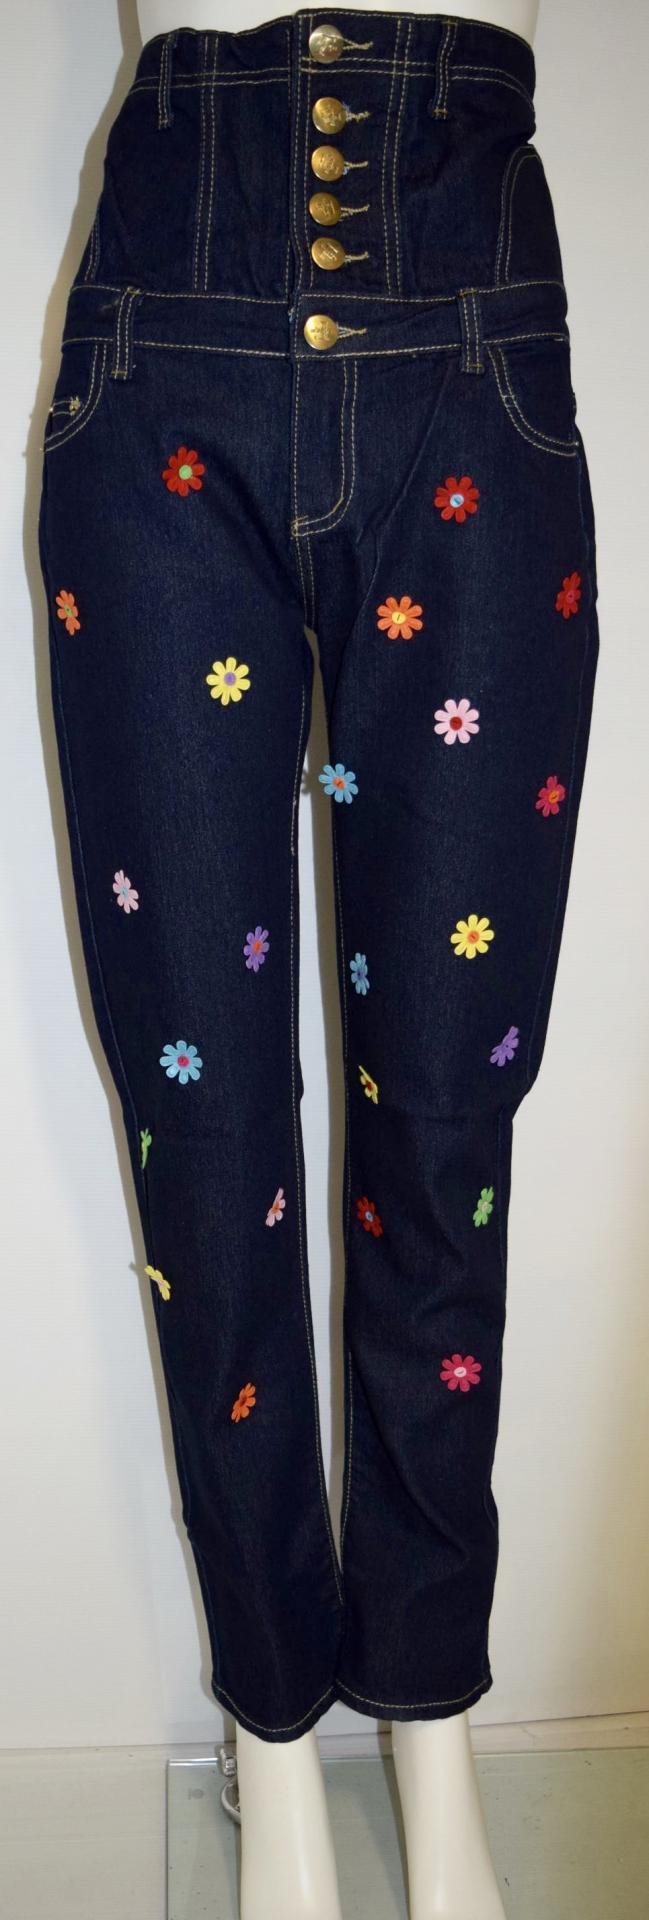 Jean fleurs cousues taille haute marque boho boheme chic JEANS0004